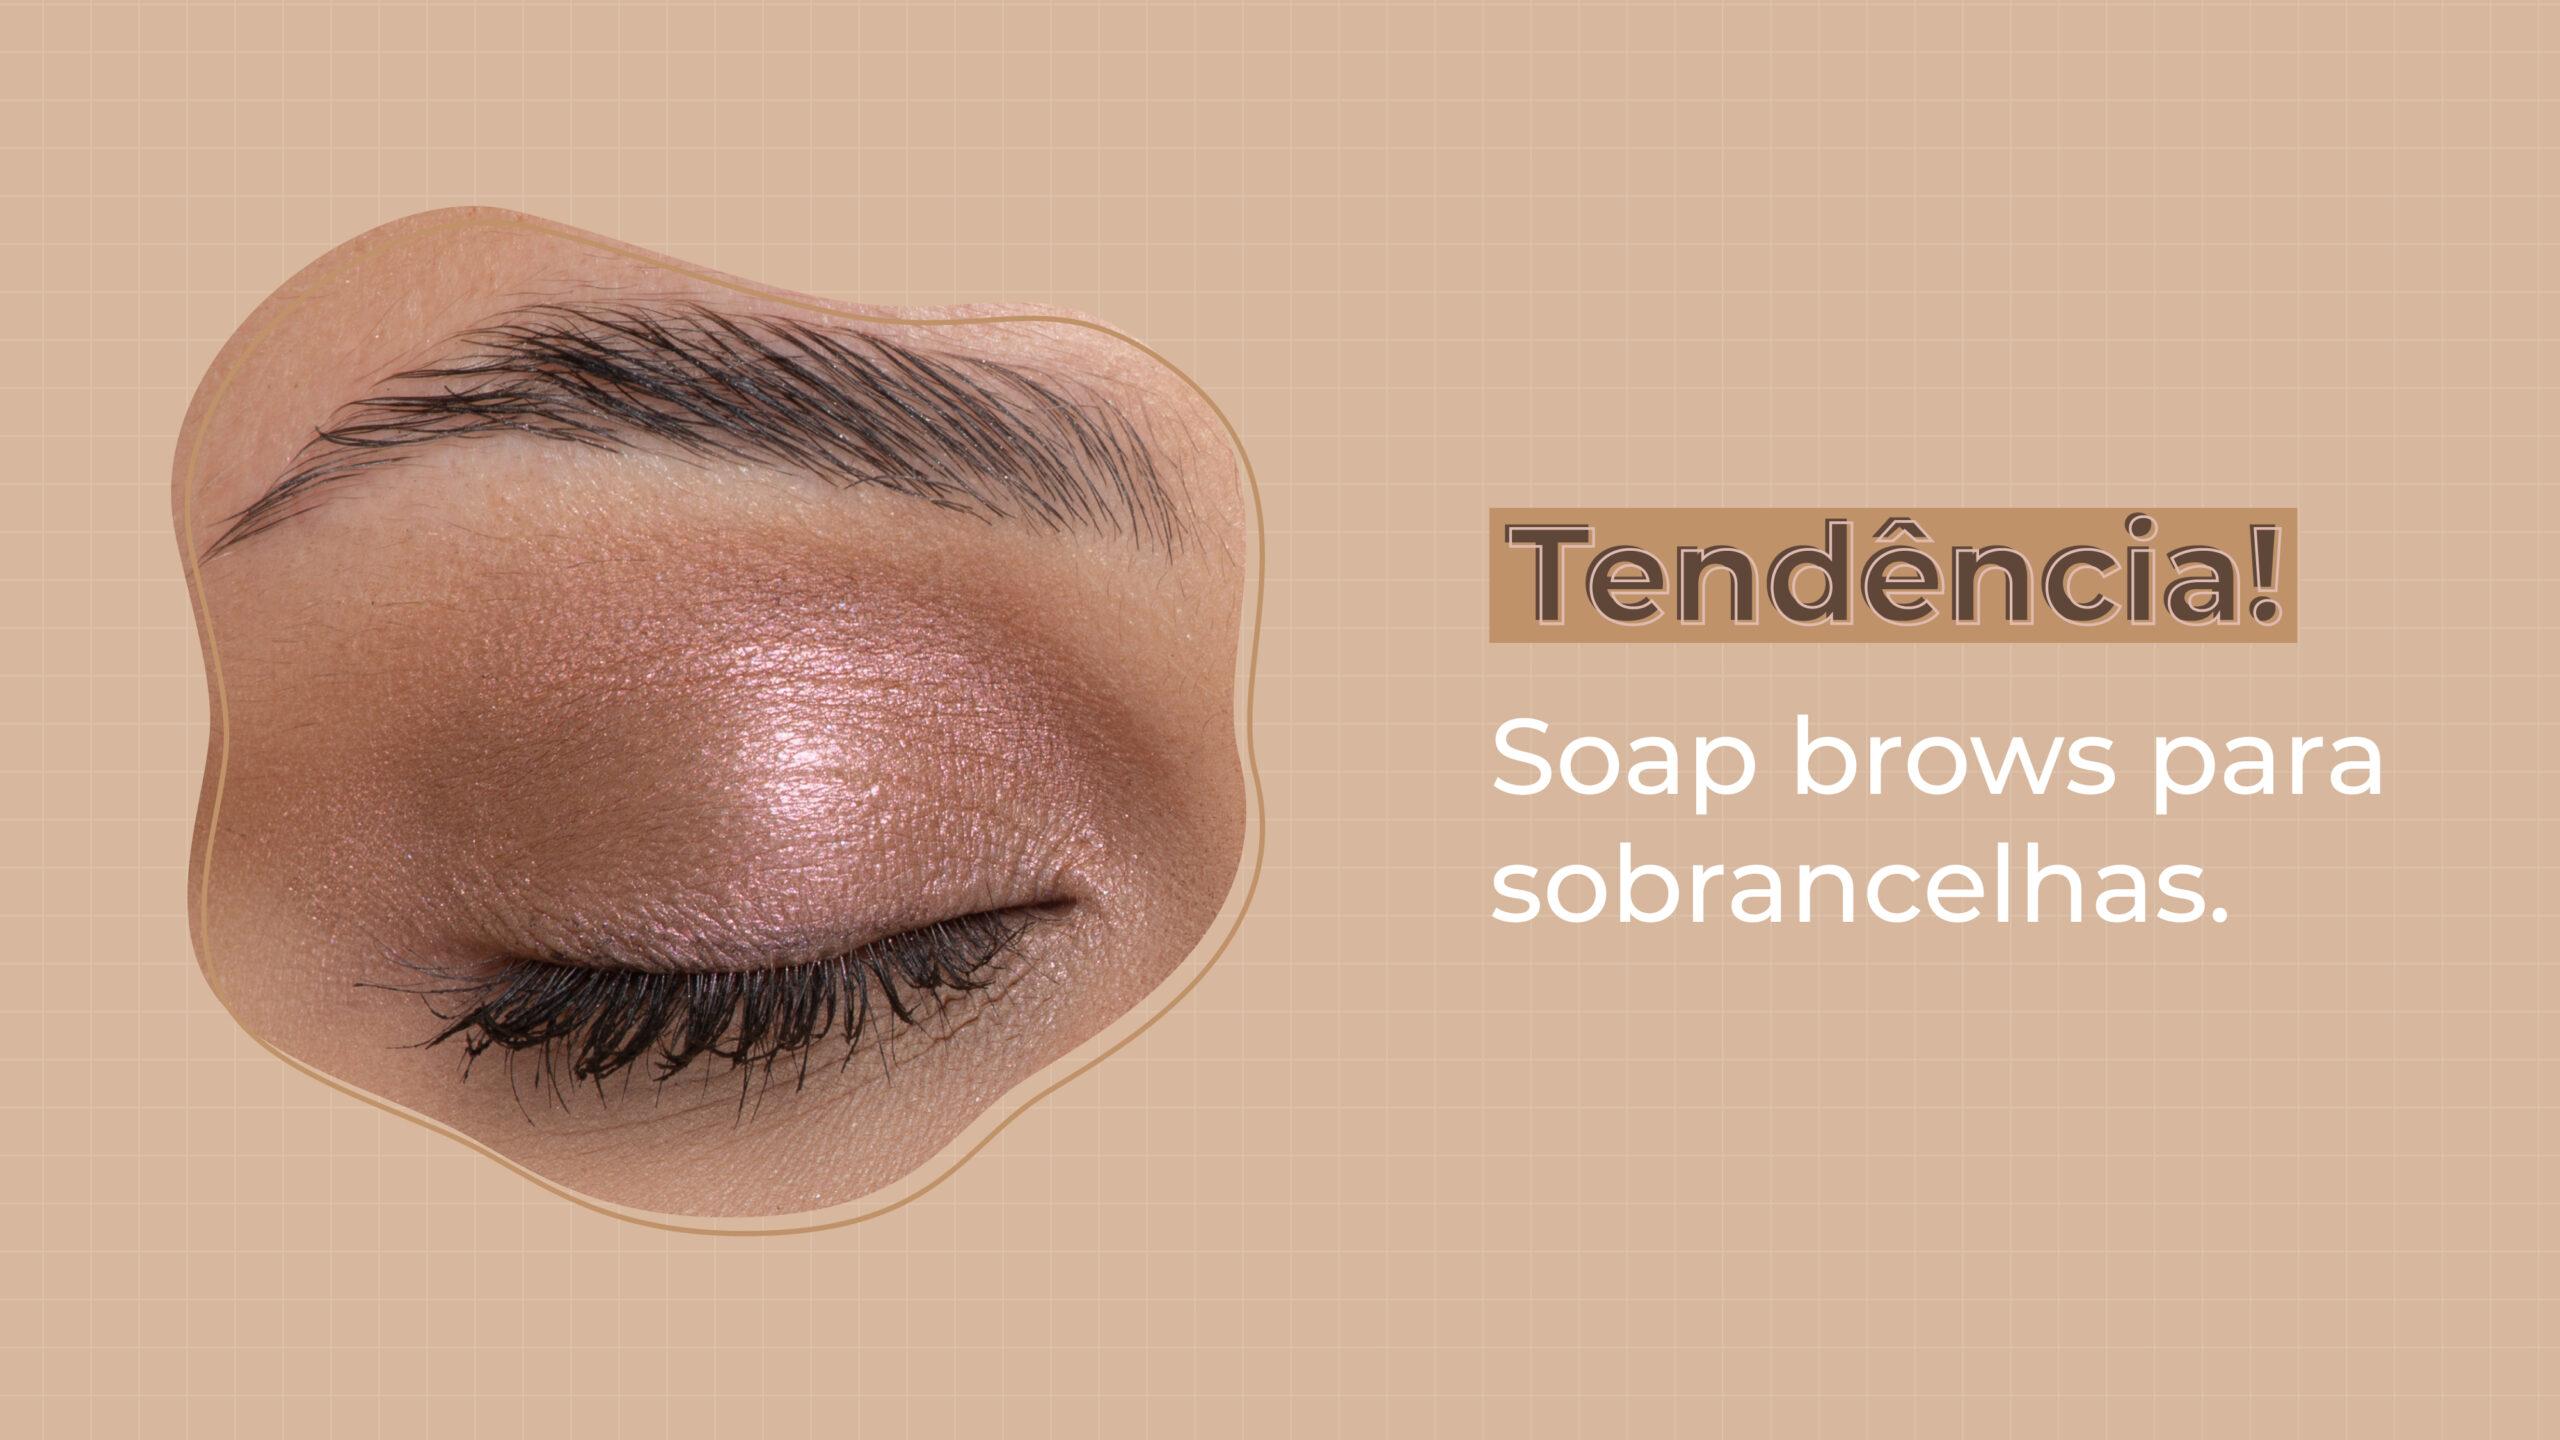 Sobrancelha penteada para cima: como fazer a tendência soap brows